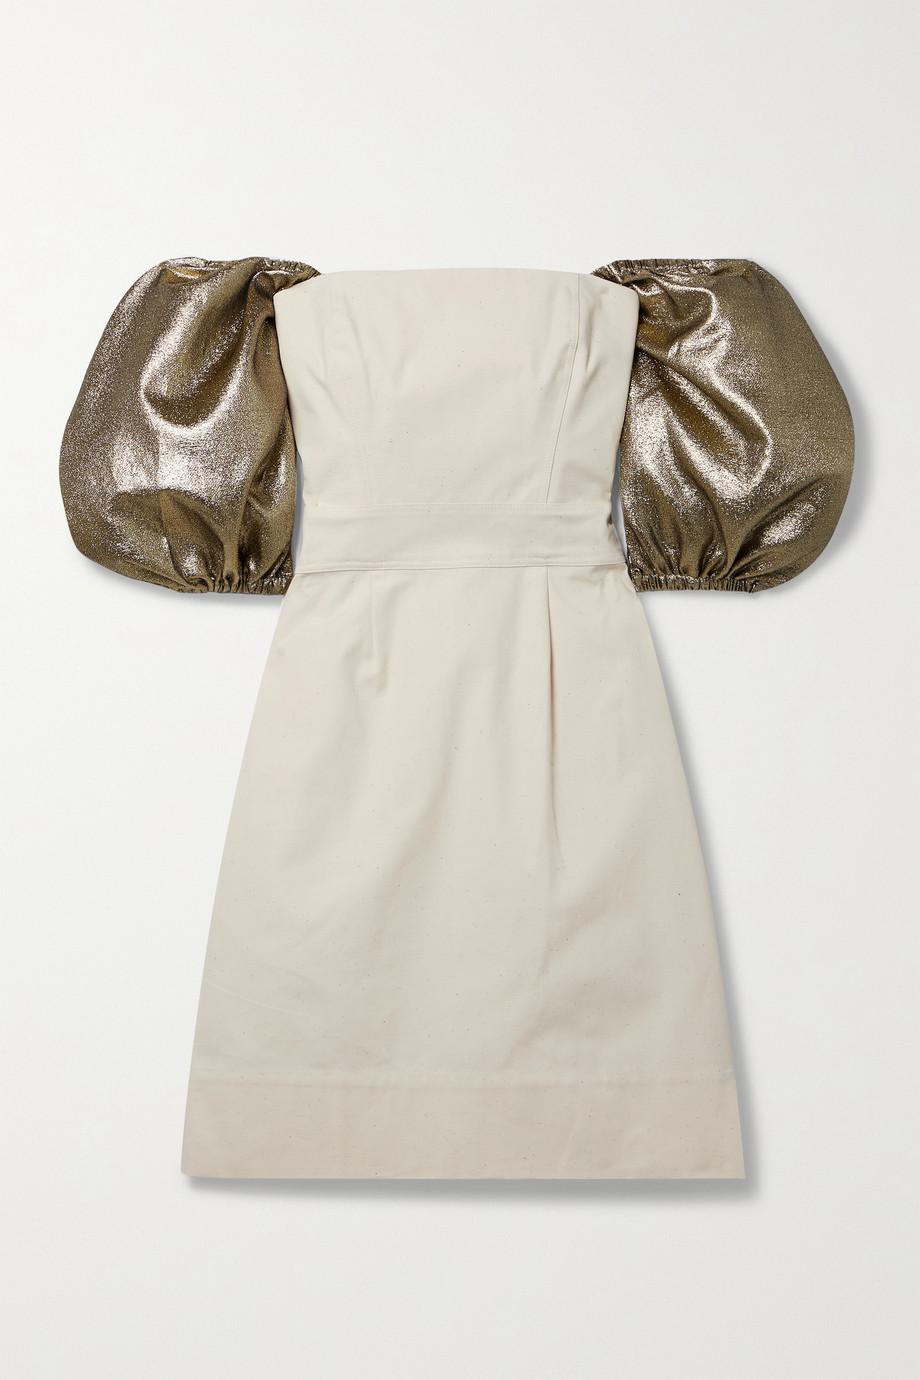 ARTCLUB + NET SUSTAIN Castello wandelbares Minikleid aus Baumwoll-Canvas mit Lurex®-Besätzen